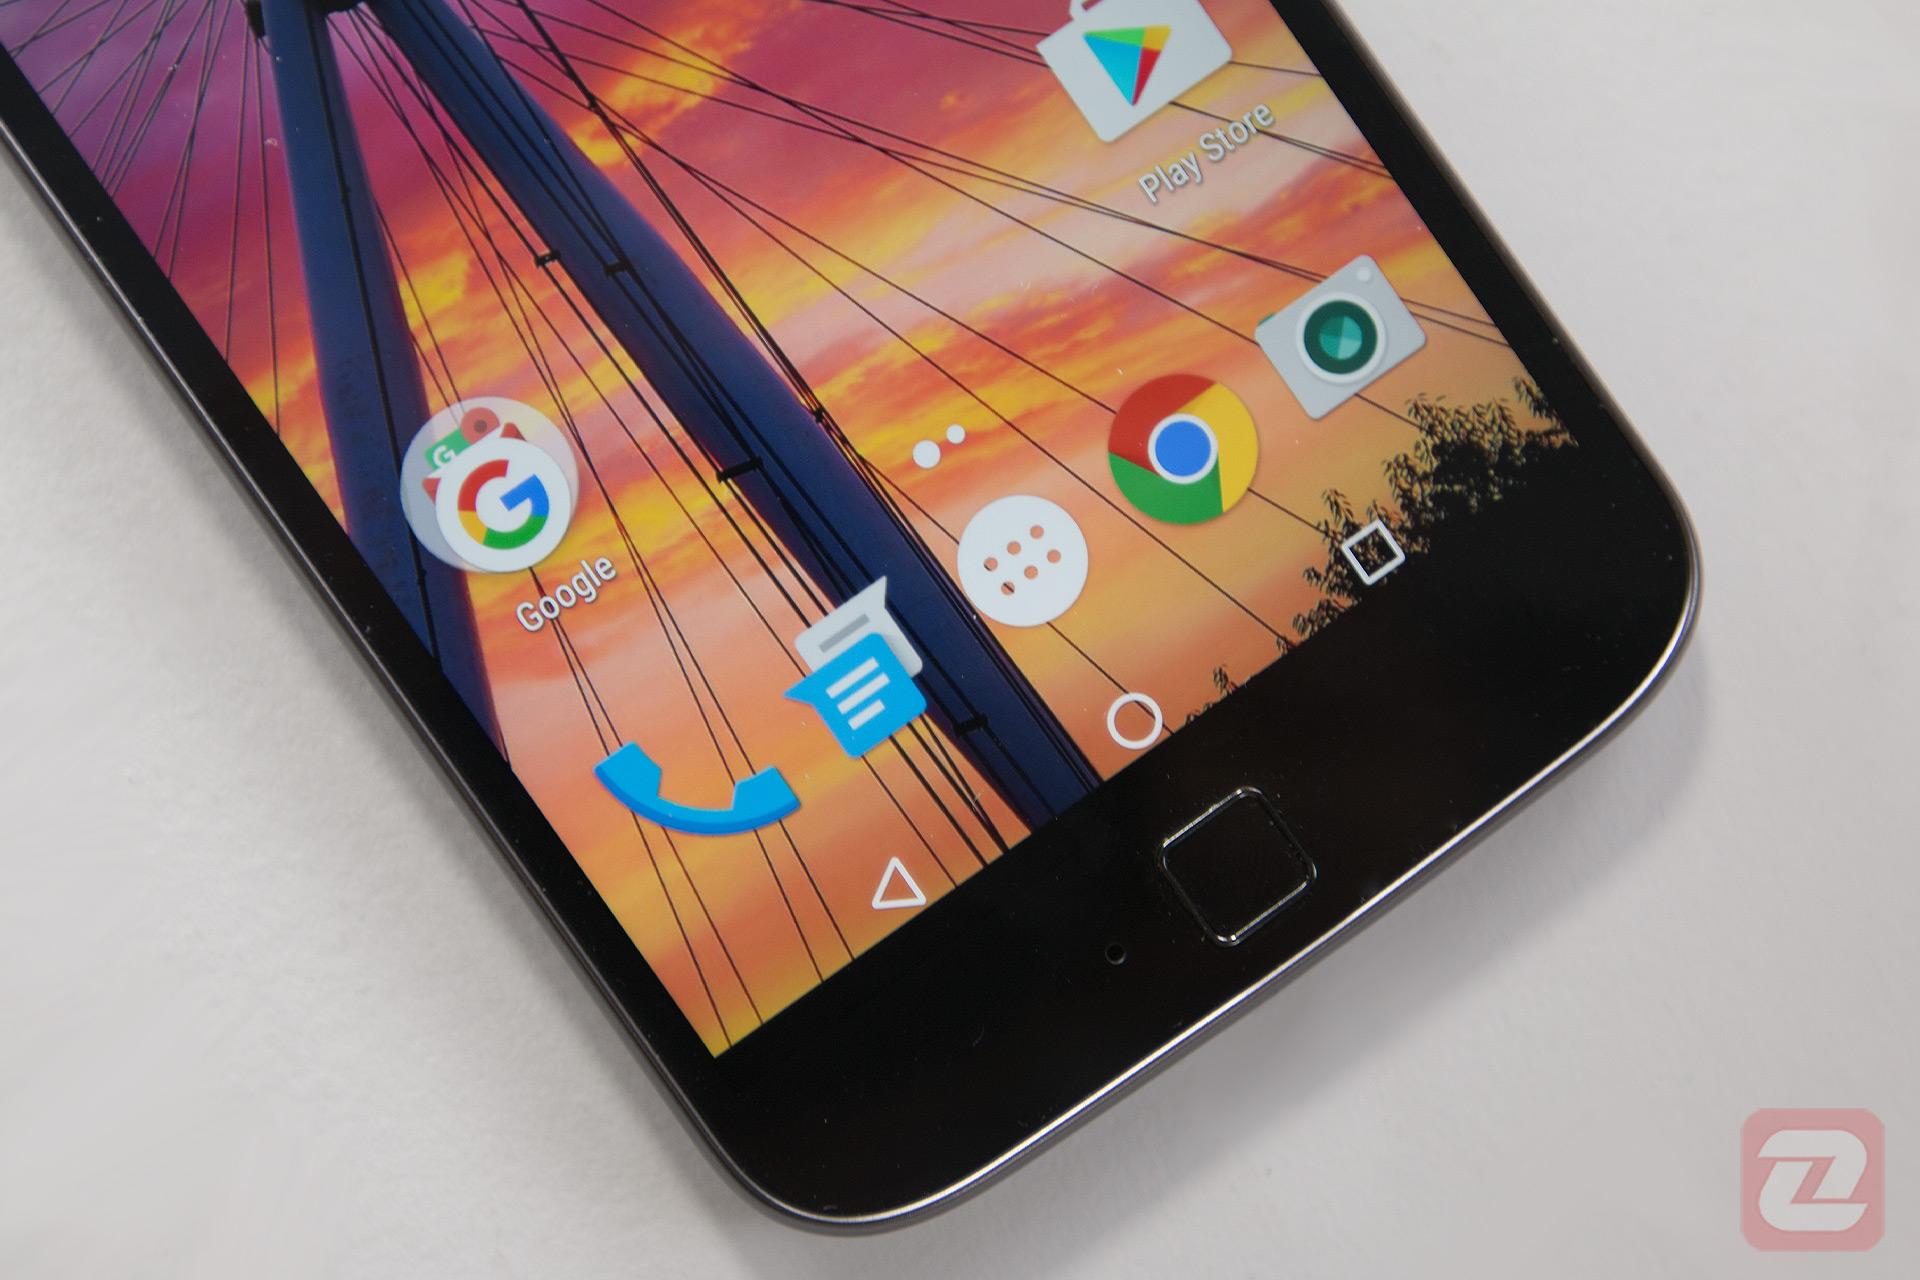 Moto G4 Plus - Fingerprint Sensor